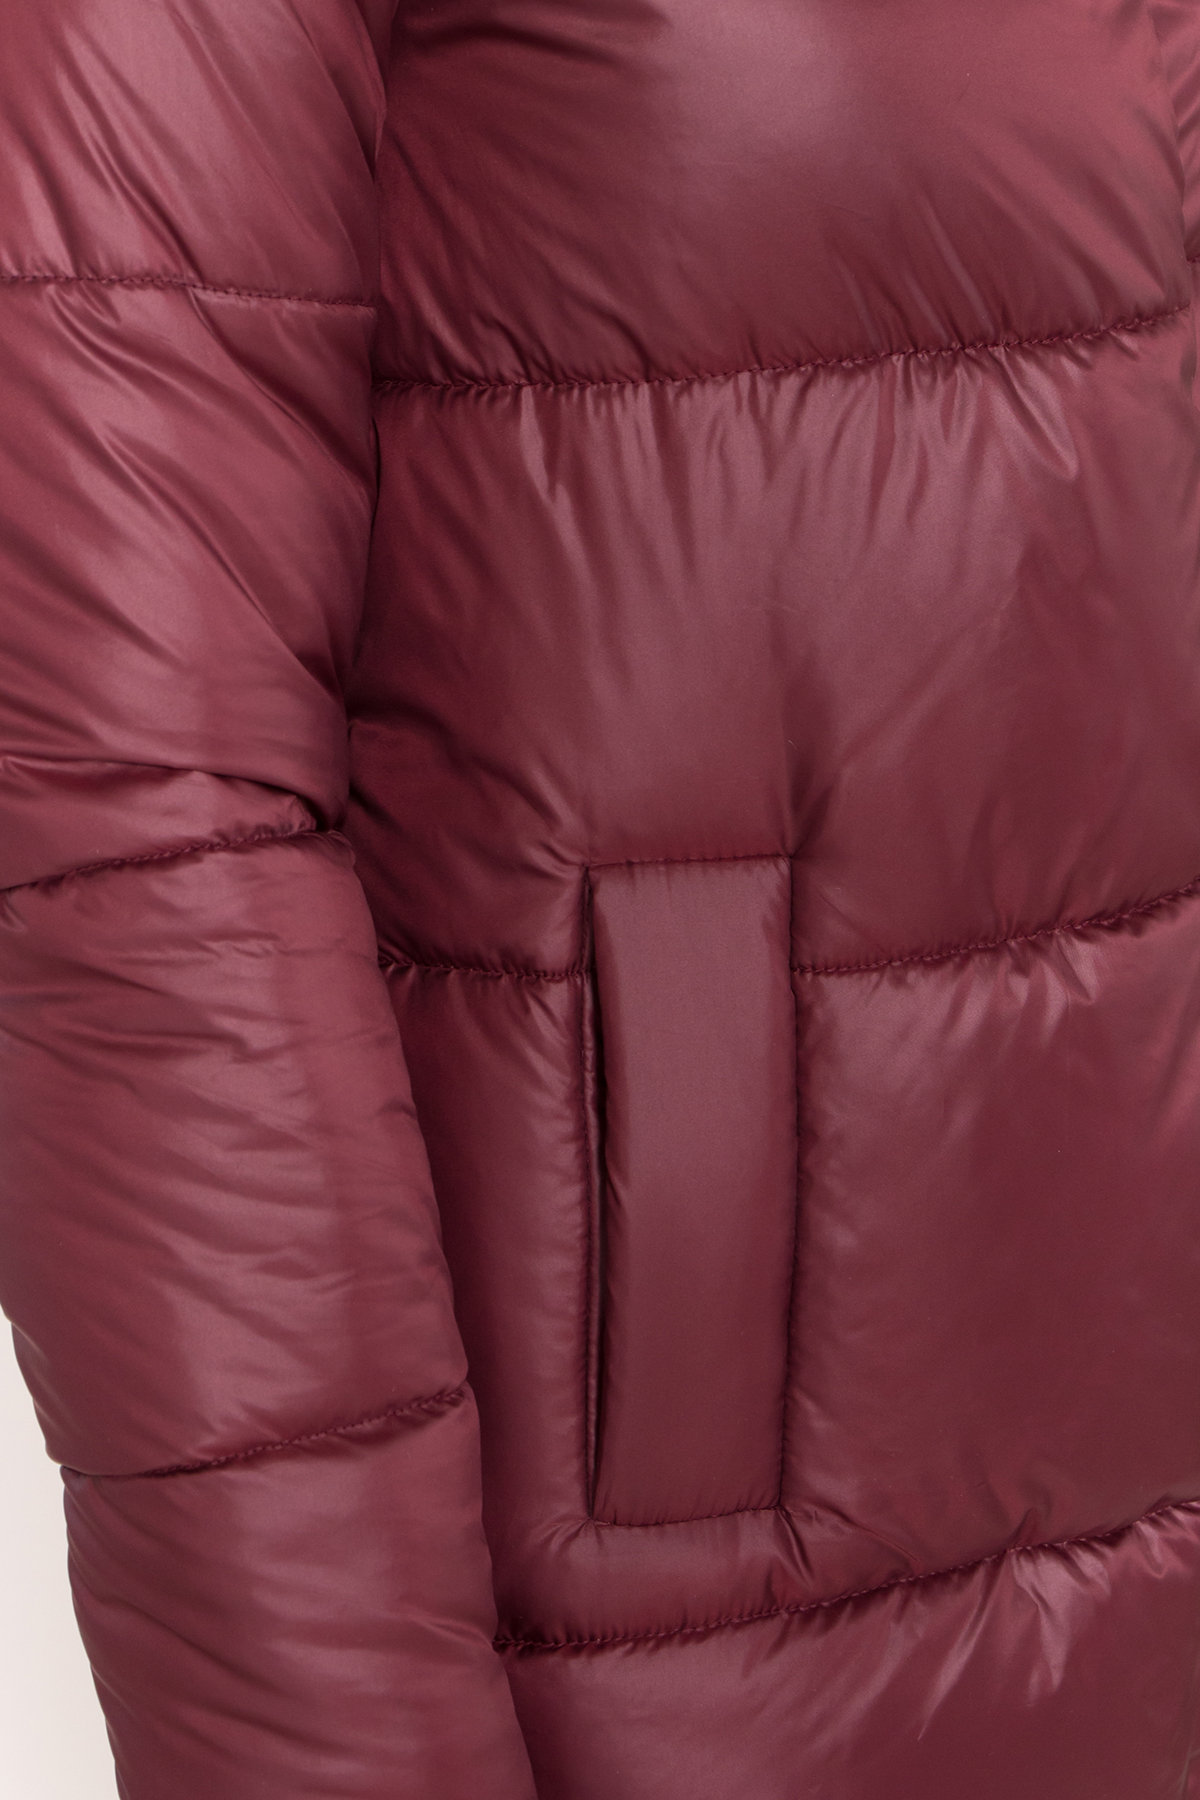 Женская зимняя куртка пуховик Техас Лаке 8238 АРТ. 44286 Цвет: Бордо - фото 5, интернет магазин tm-modus.ru